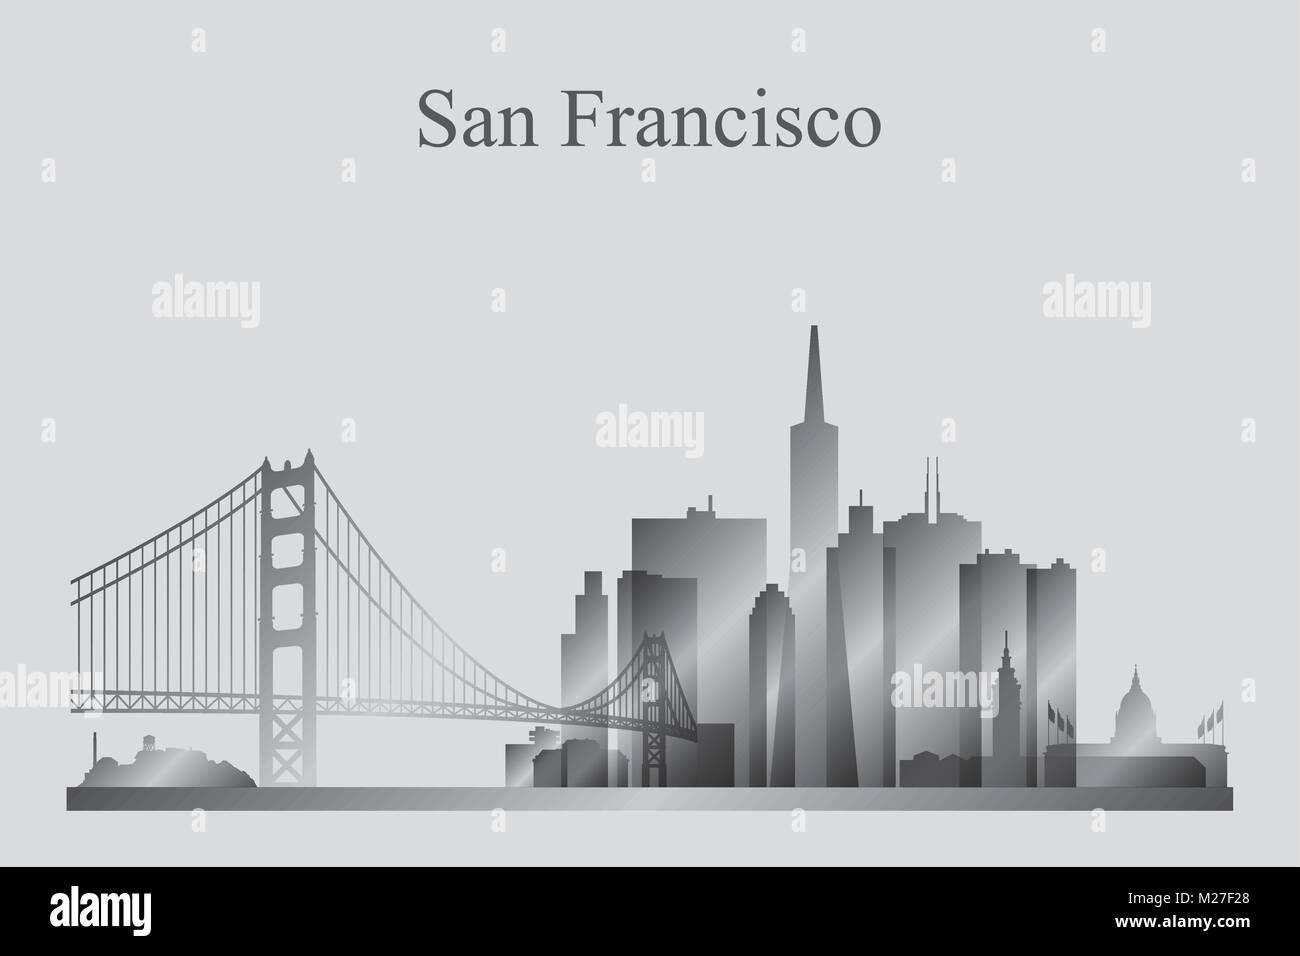 La silueta del horizonte de la ciudad de San Francisco en escala de grises, ilustración vectorial Imagen De Stock